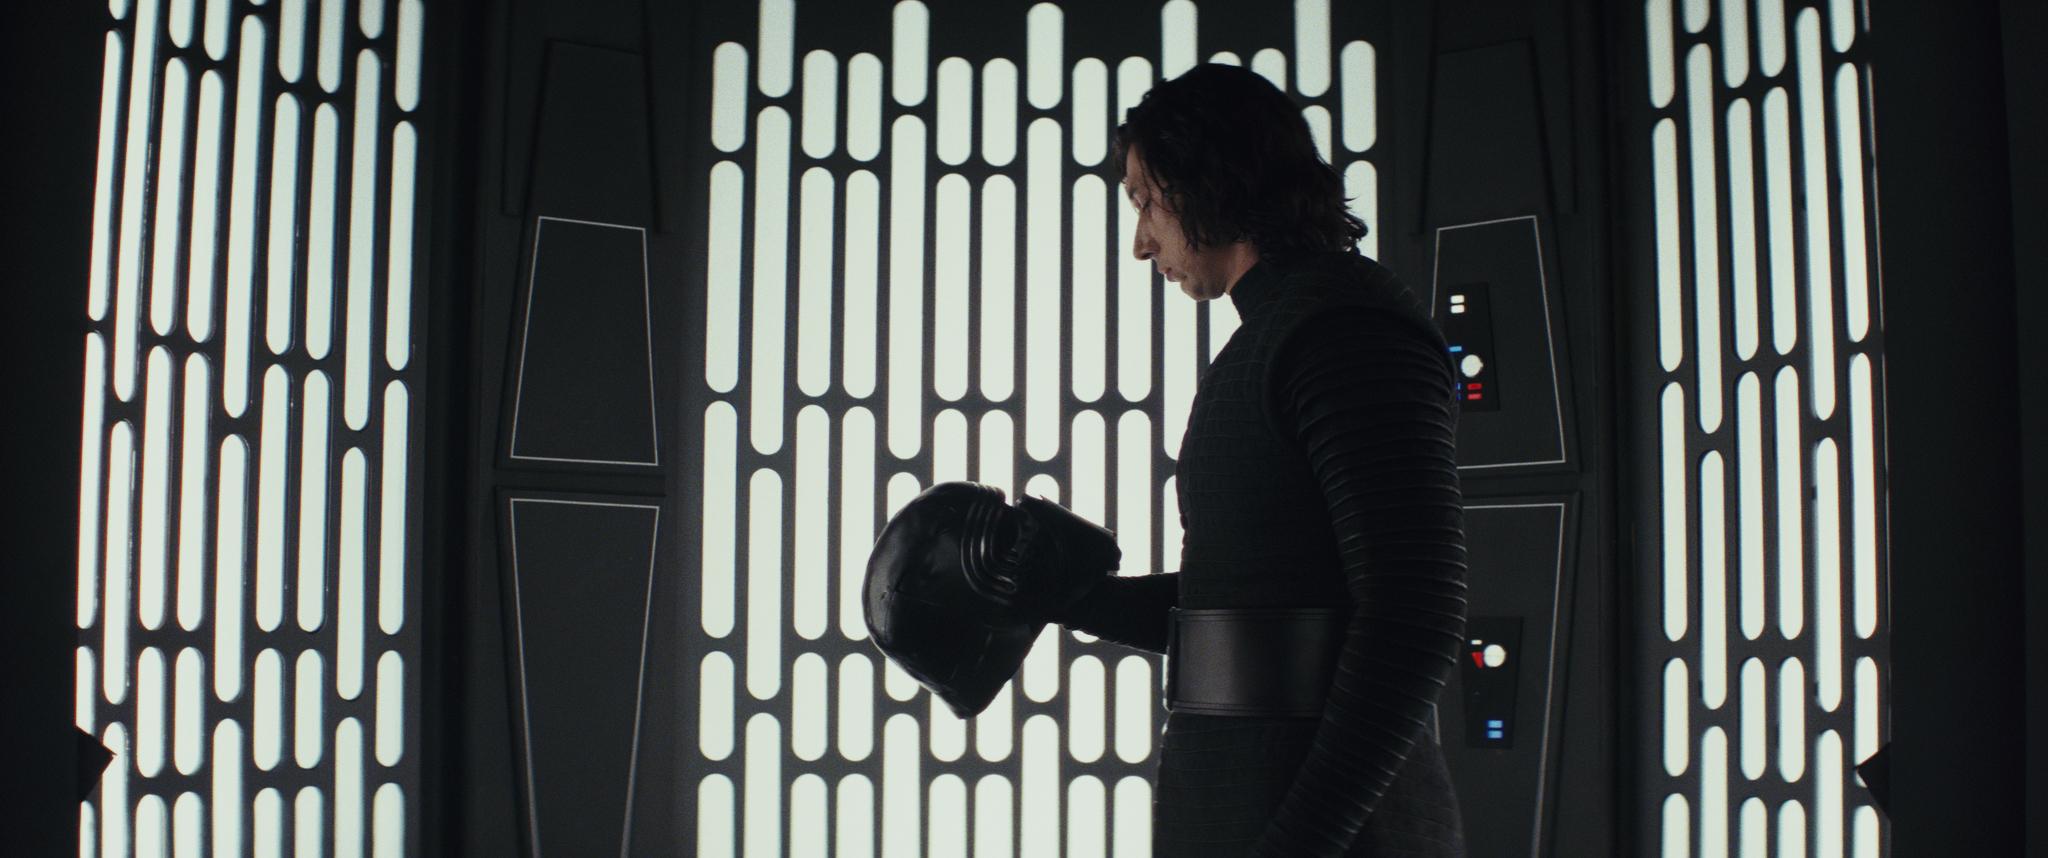 Adam Driver sebagai Kylo Ren dalam 'Star Wars: The Last Jedi'. Foto dari starwars.com